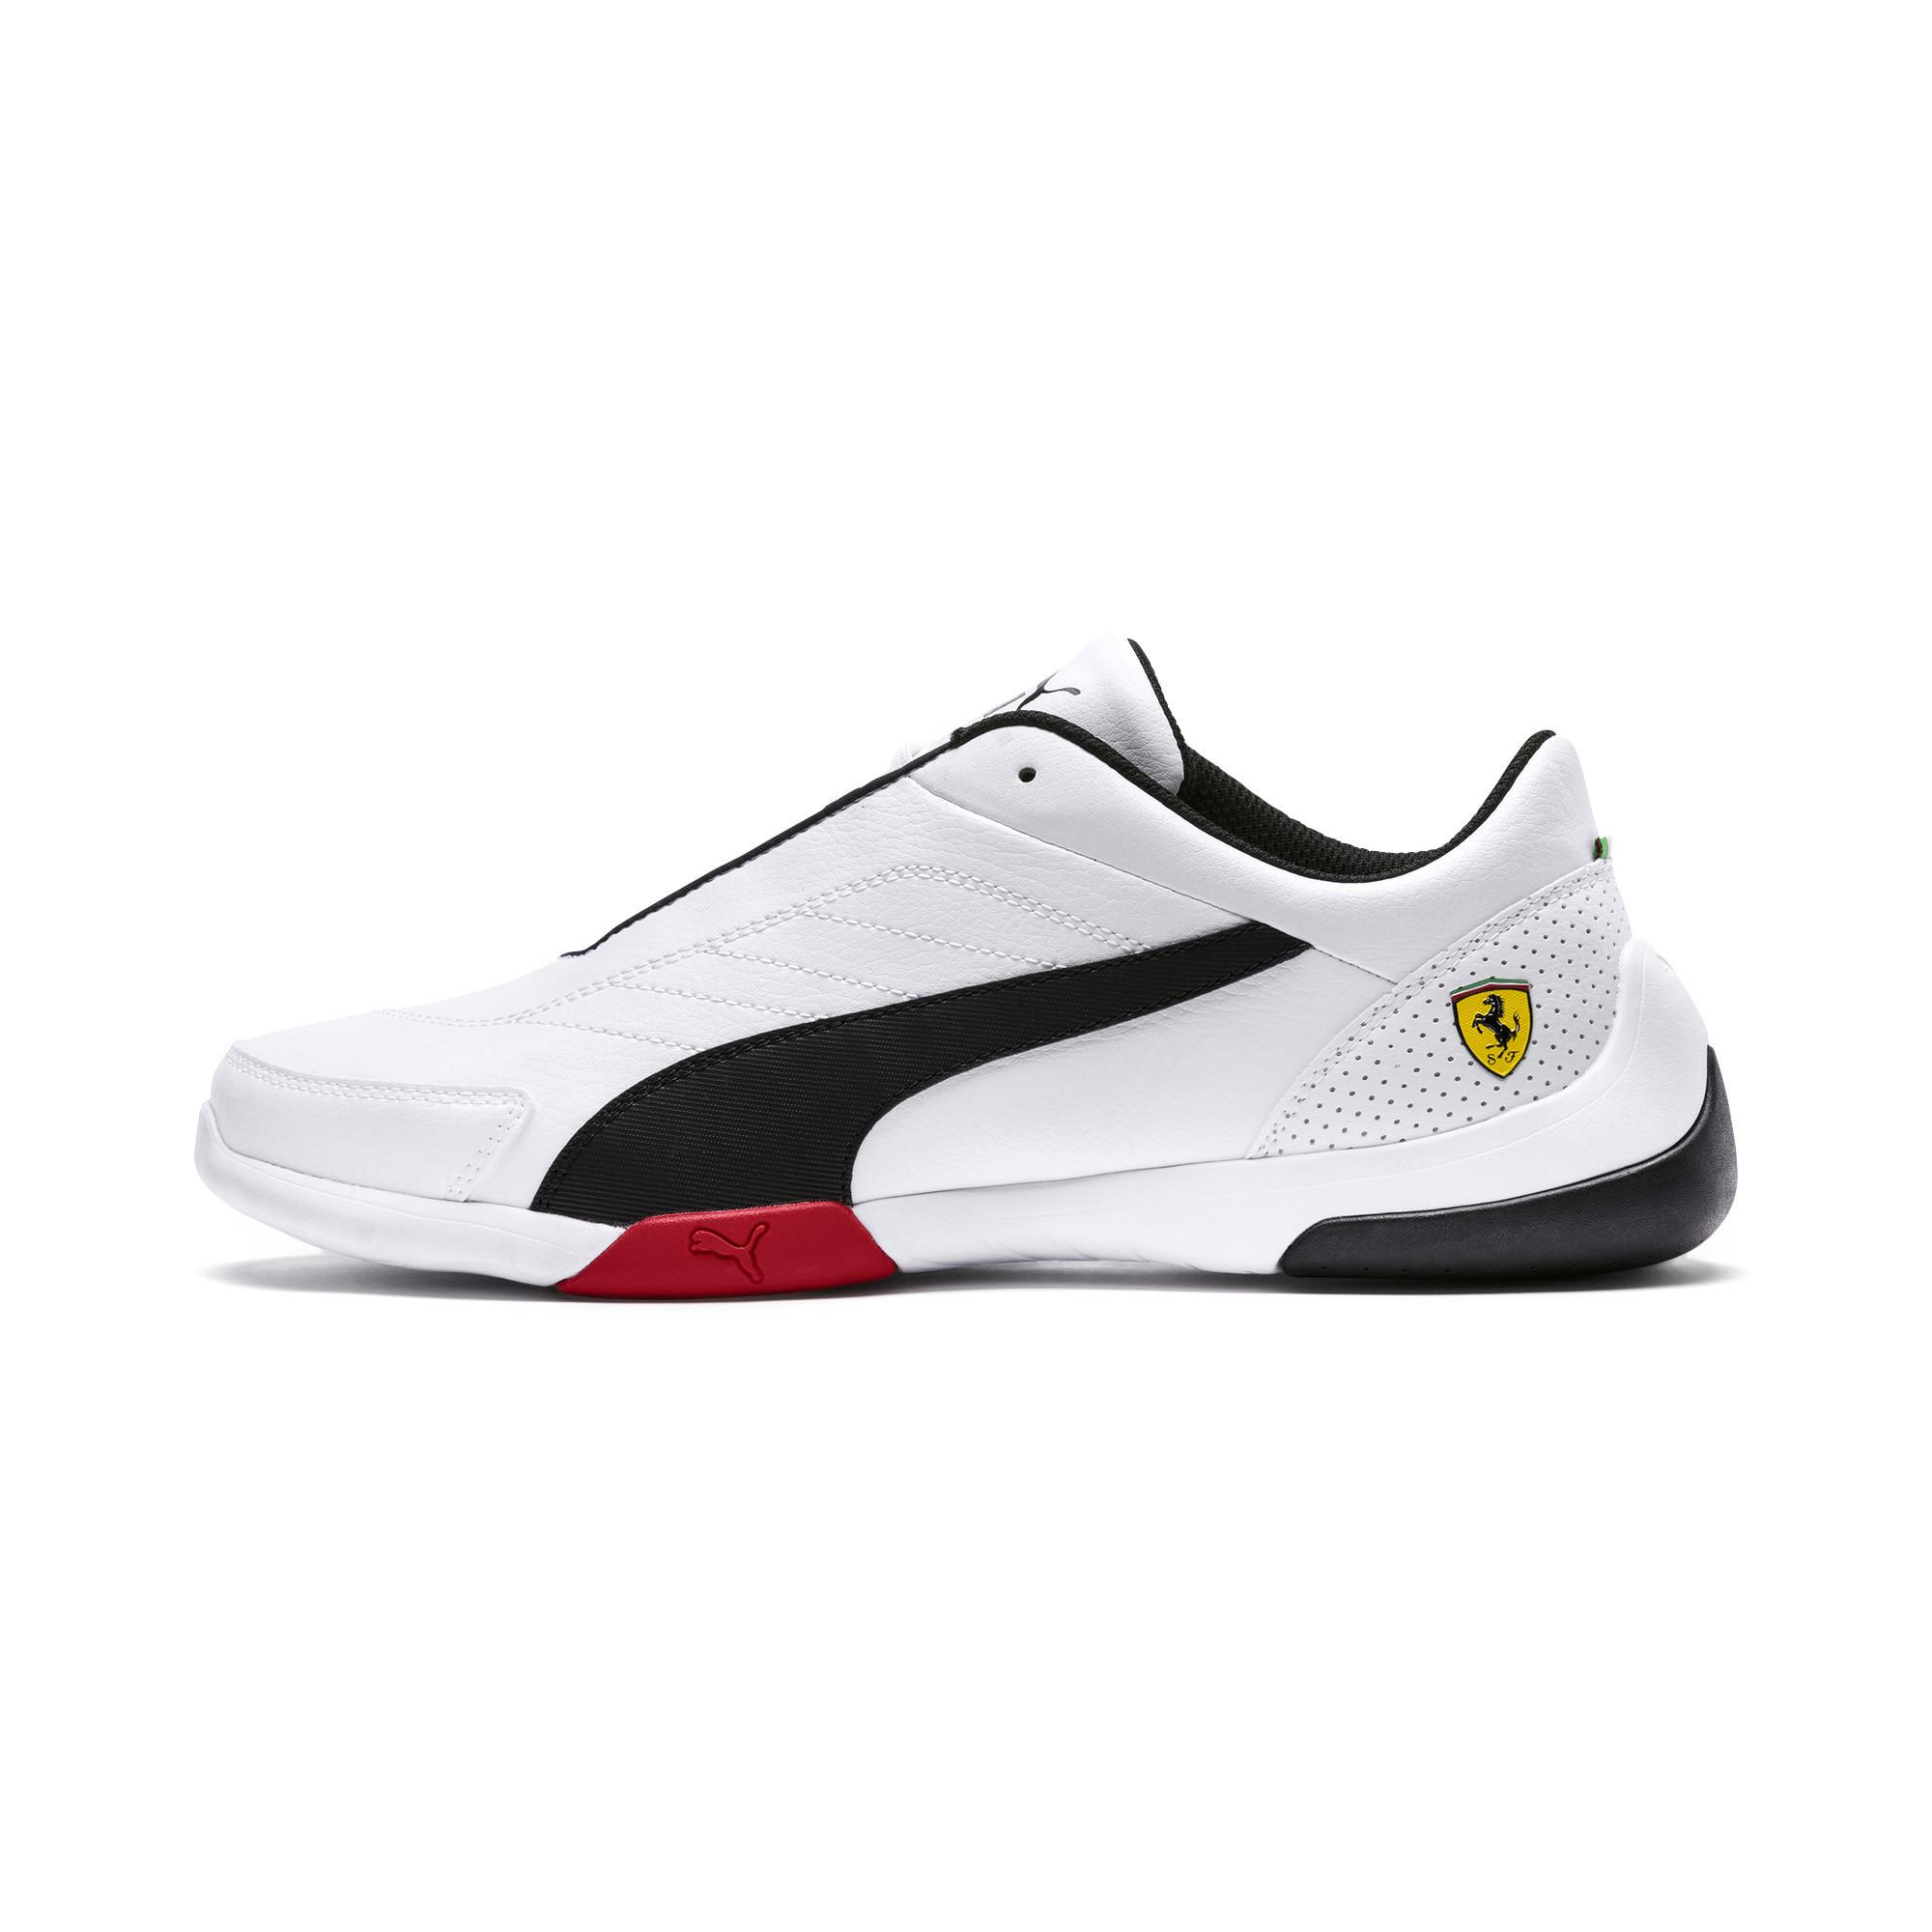 762282f10a9965 Lyst - PUMA Scuderia Ferrari Kart Cat Iii Sneakers in White for Men ...